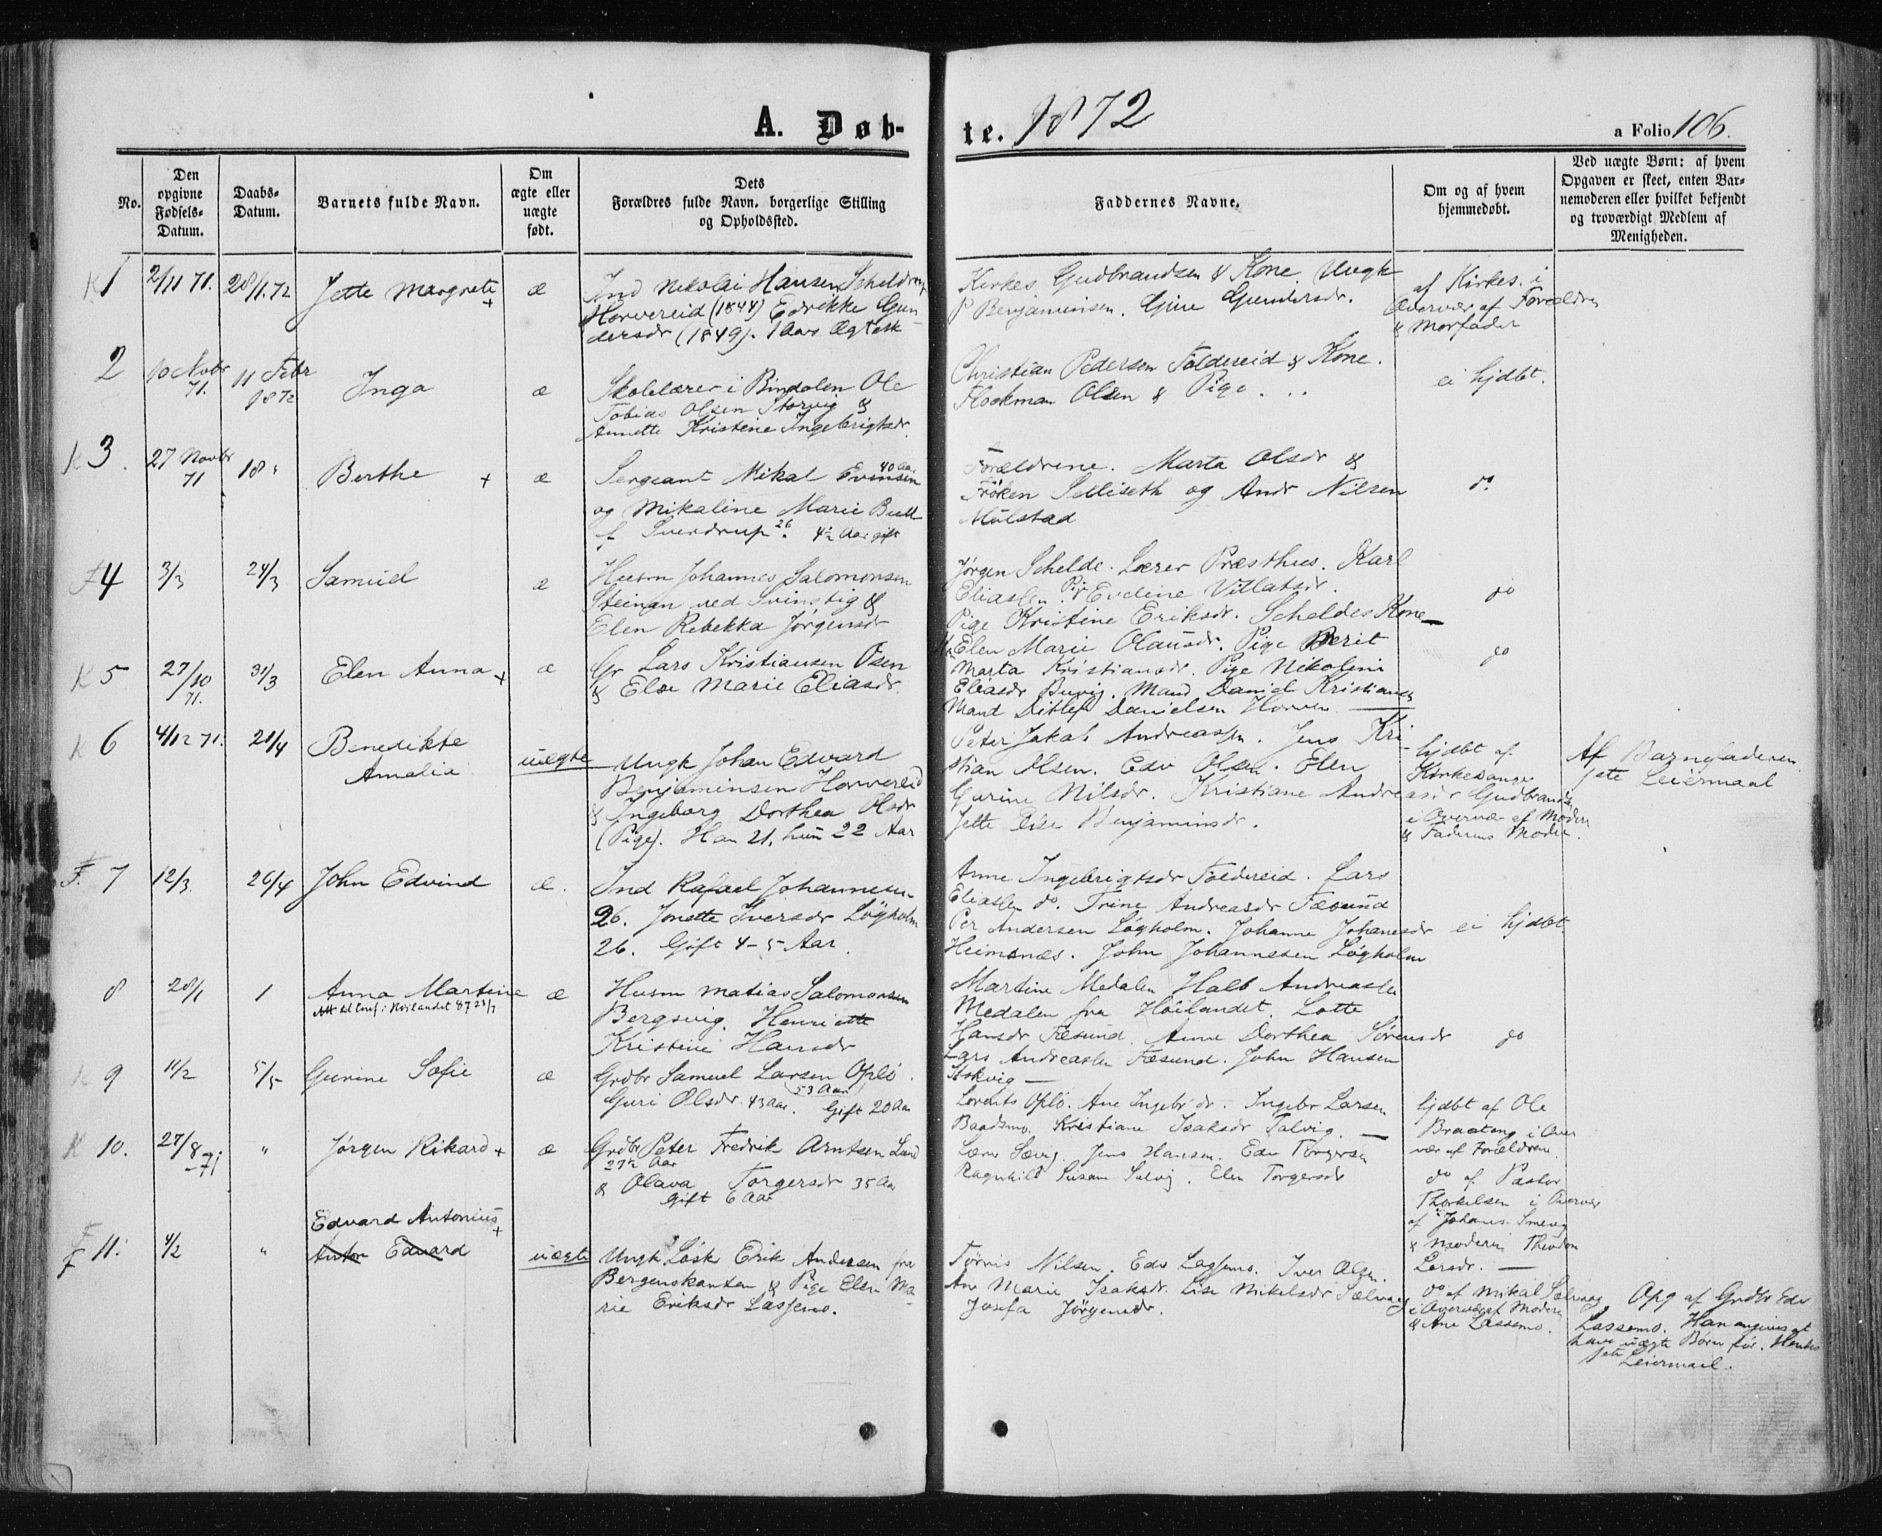 SAT, Ministerialprotokoller, klokkerbøker og fødselsregistre - Nord-Trøndelag, 780/L0641: Ministerialbok nr. 780A06, 1857-1874, s. 106